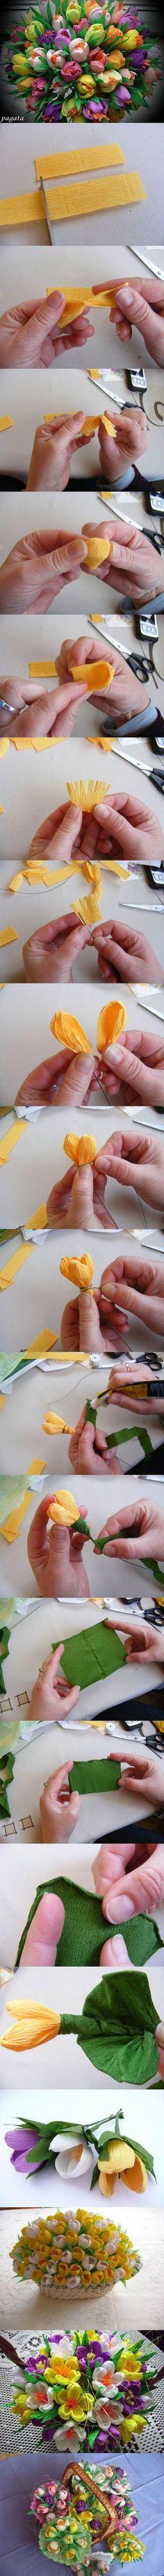 DIY Schöne Blumenstrauß aus Krepp-Papier Krokusse